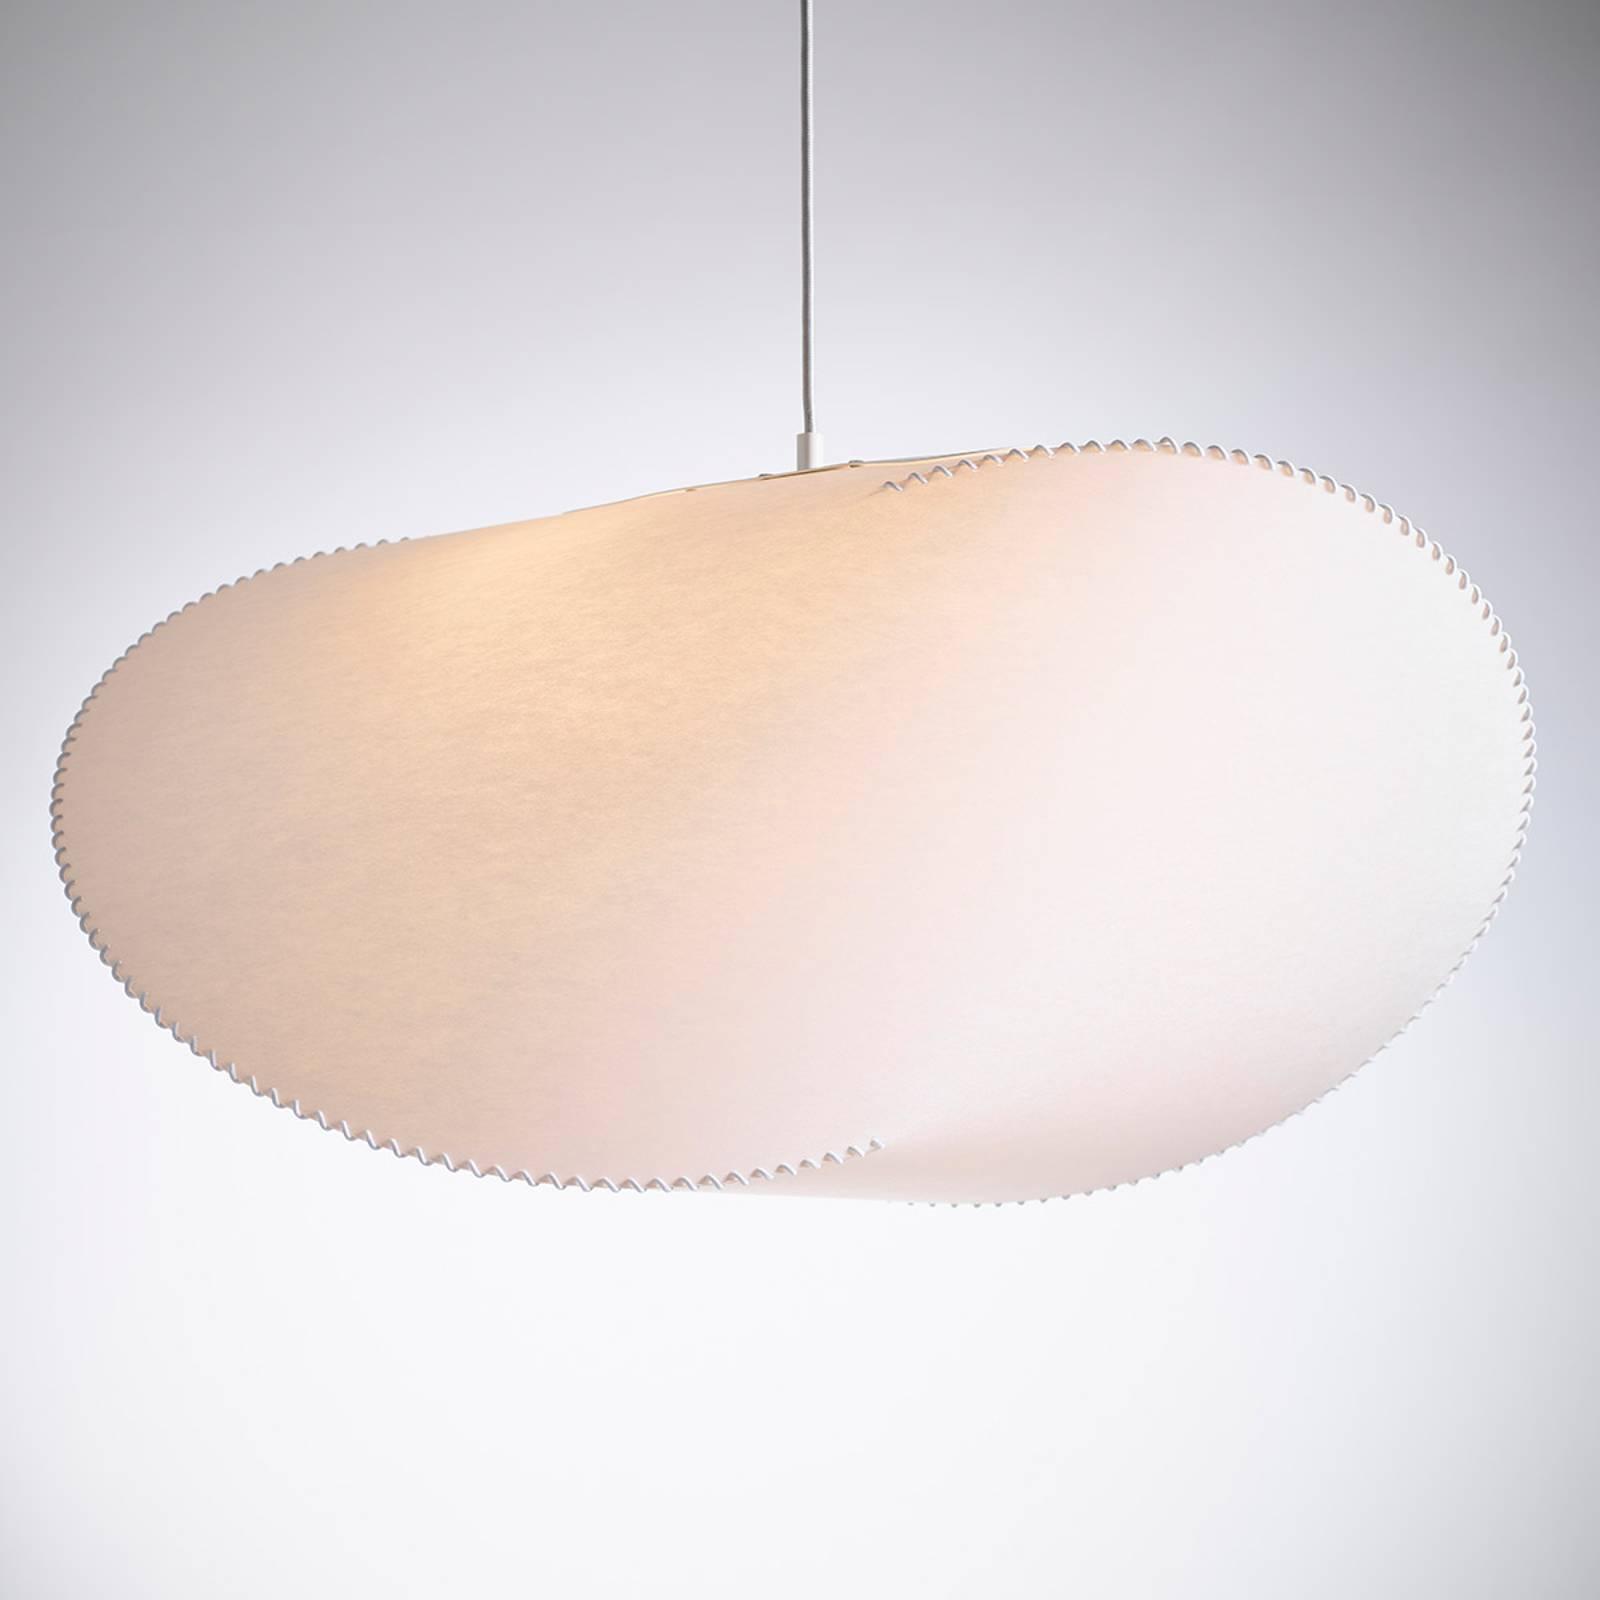 Hanglamp Floyd, breedte 75 cm